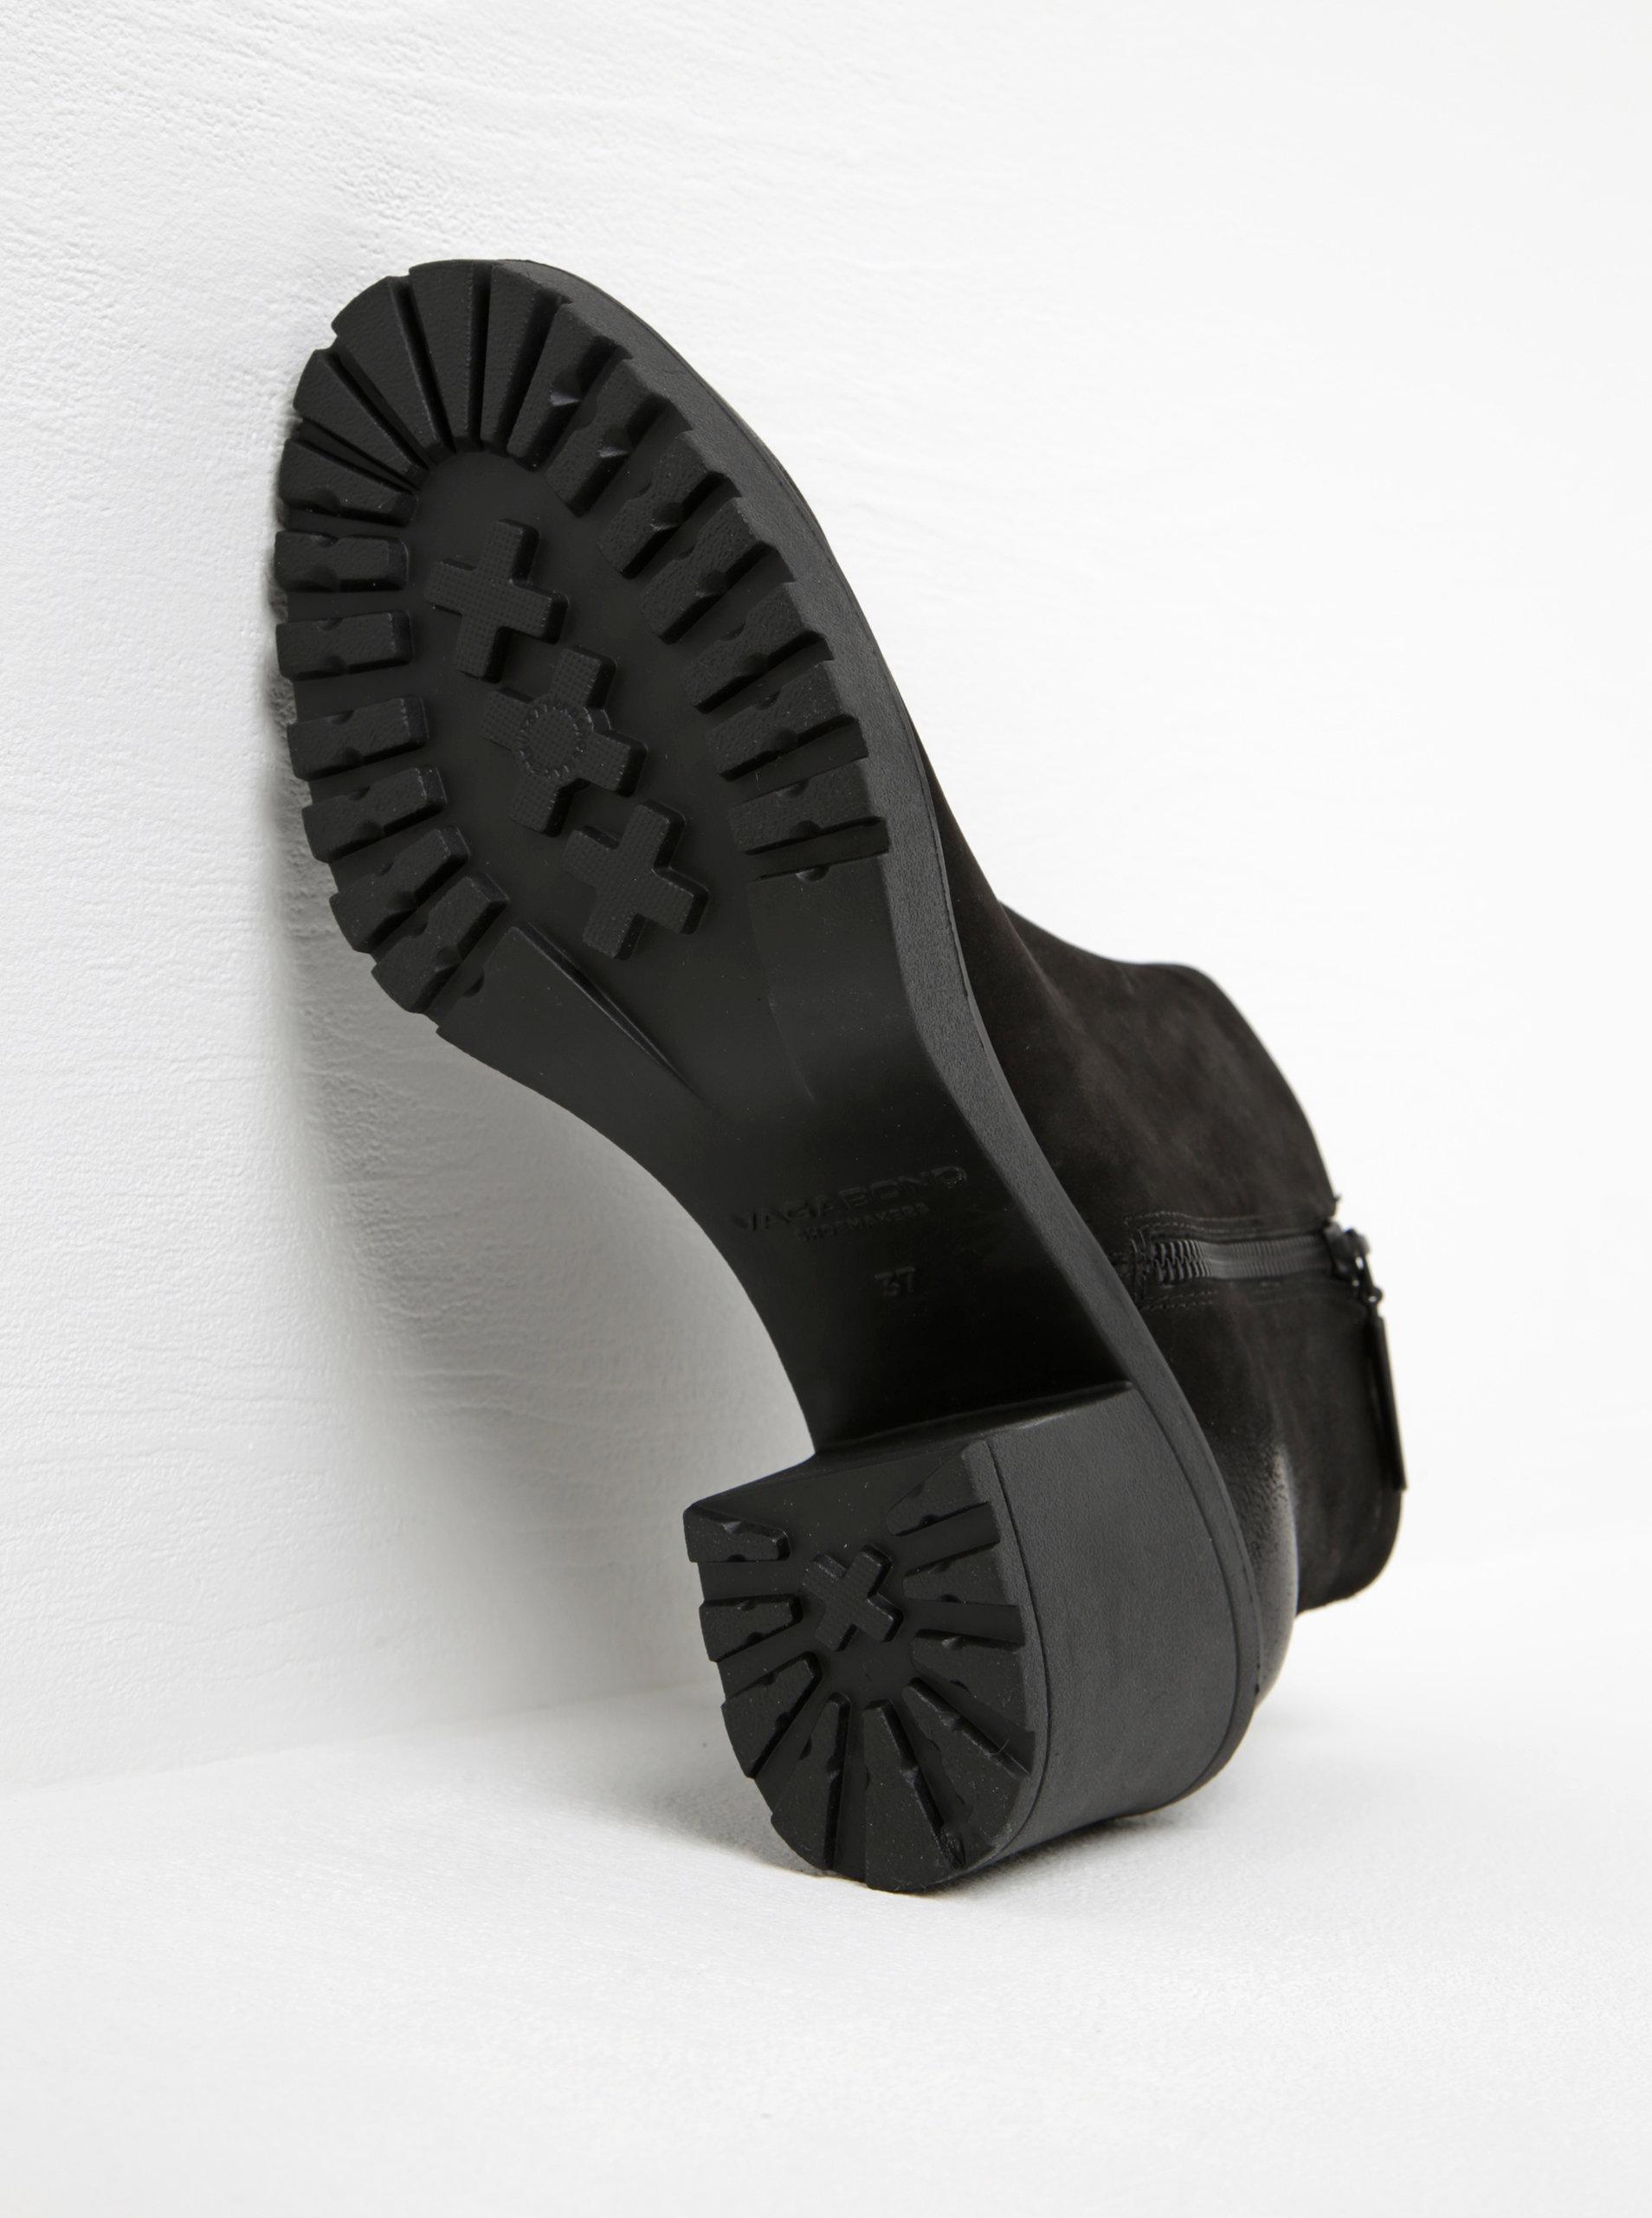 Čierne dámske kožené členkové topánky ny širokom podpätku Vagabond Grace ... 72e97dd0cfd